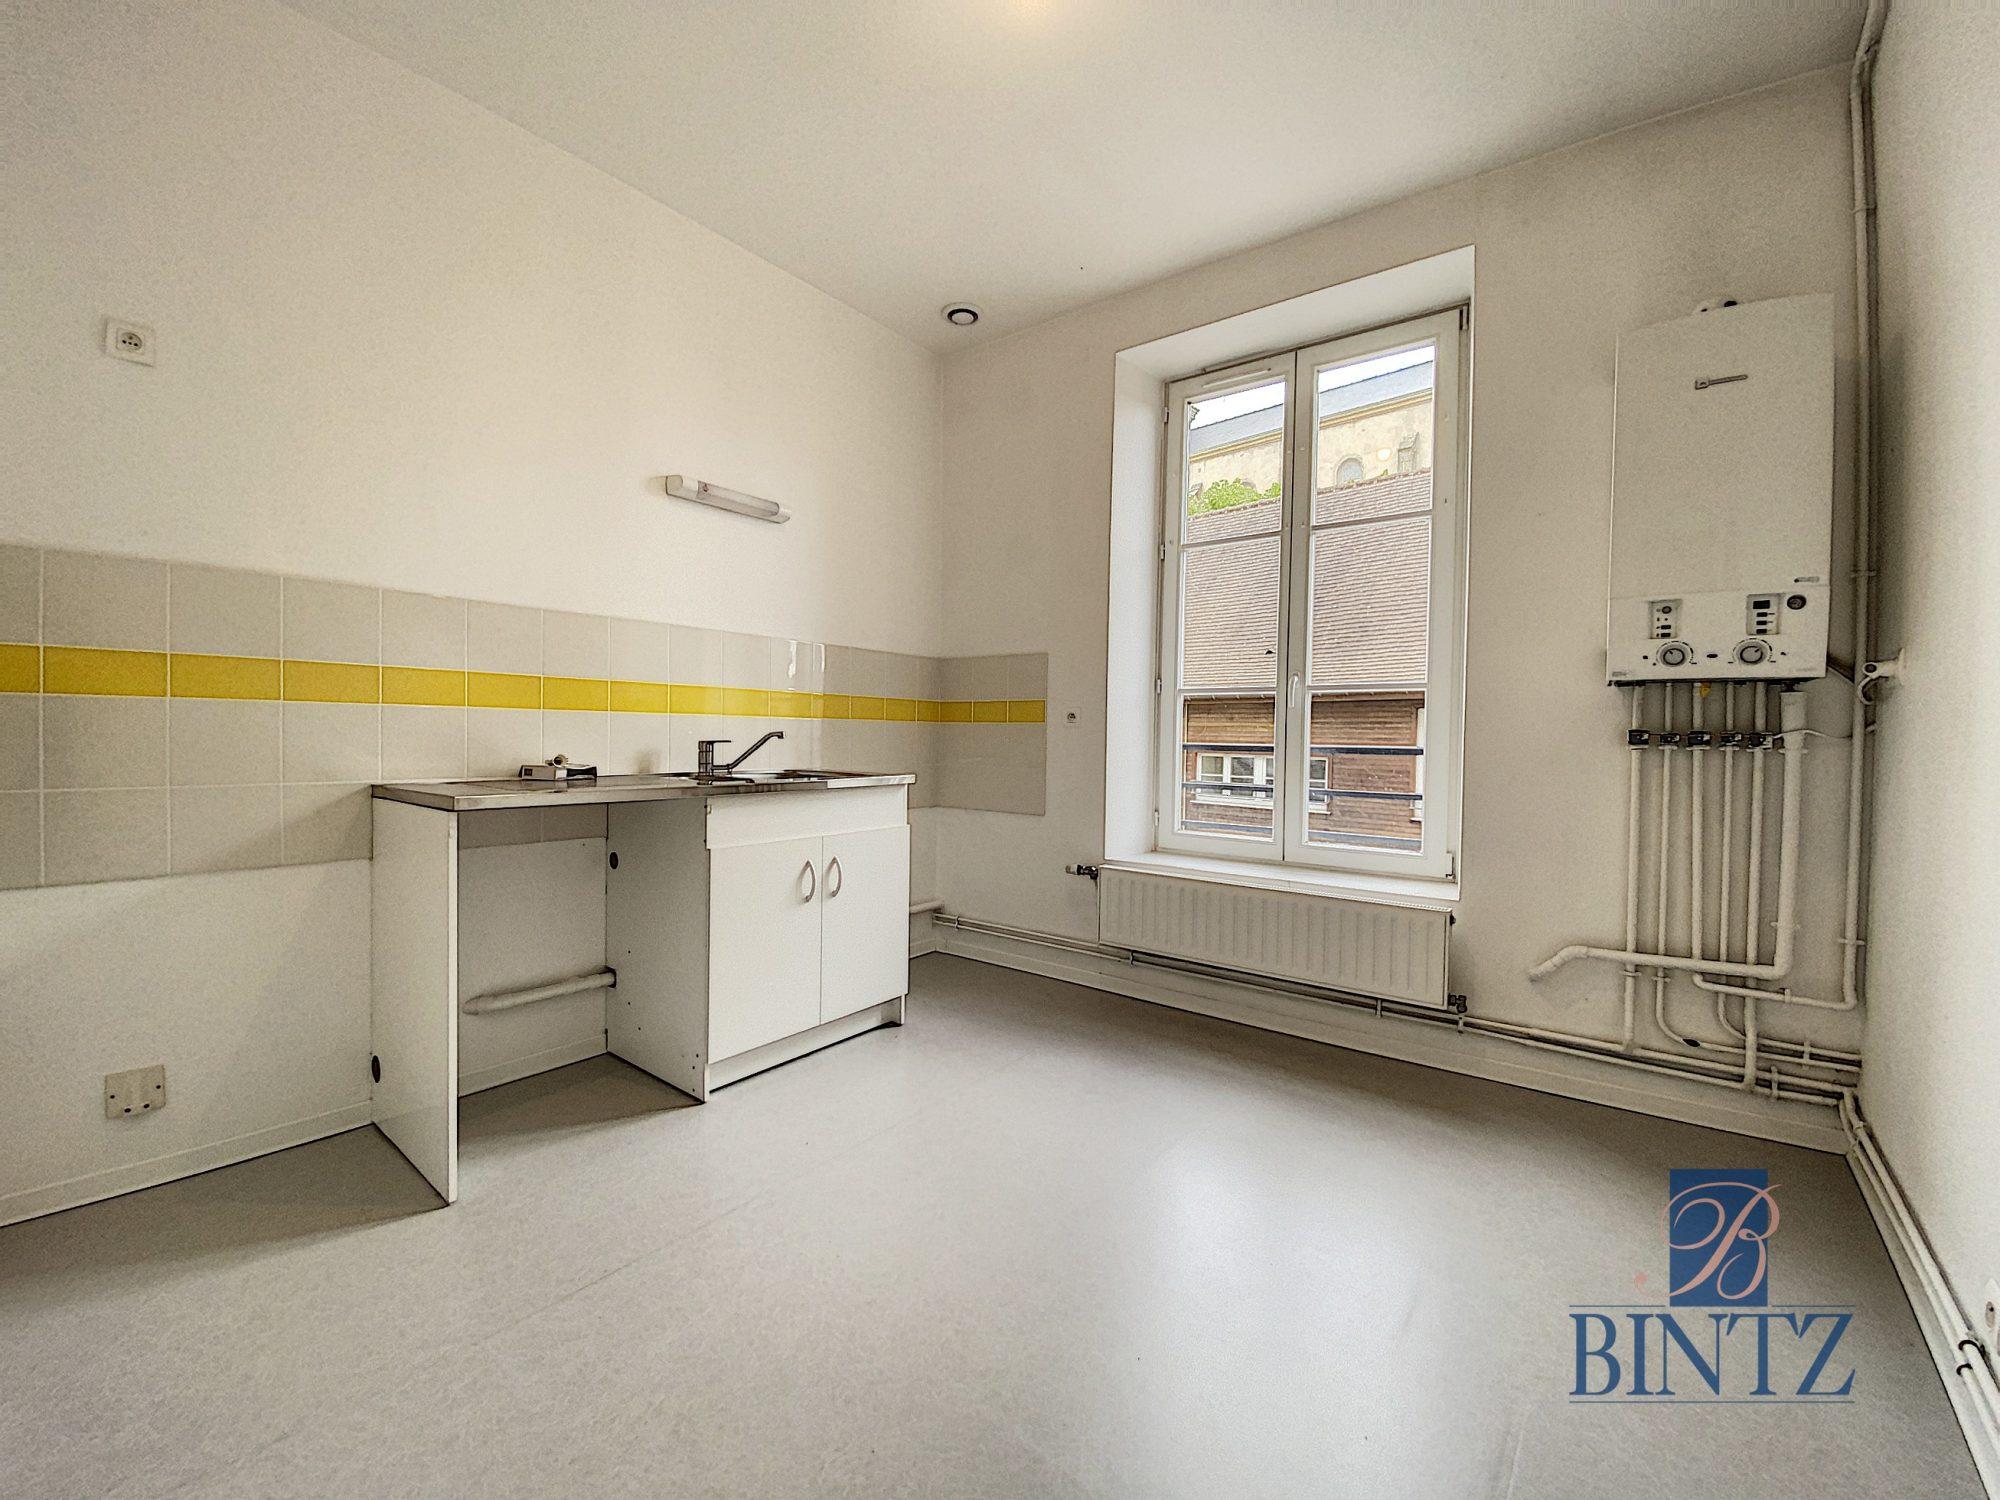 3 pièces toulon/arroux 1er maison de maitre - Devenez locataire en toute sérénité - Bintz Immobilier - 3